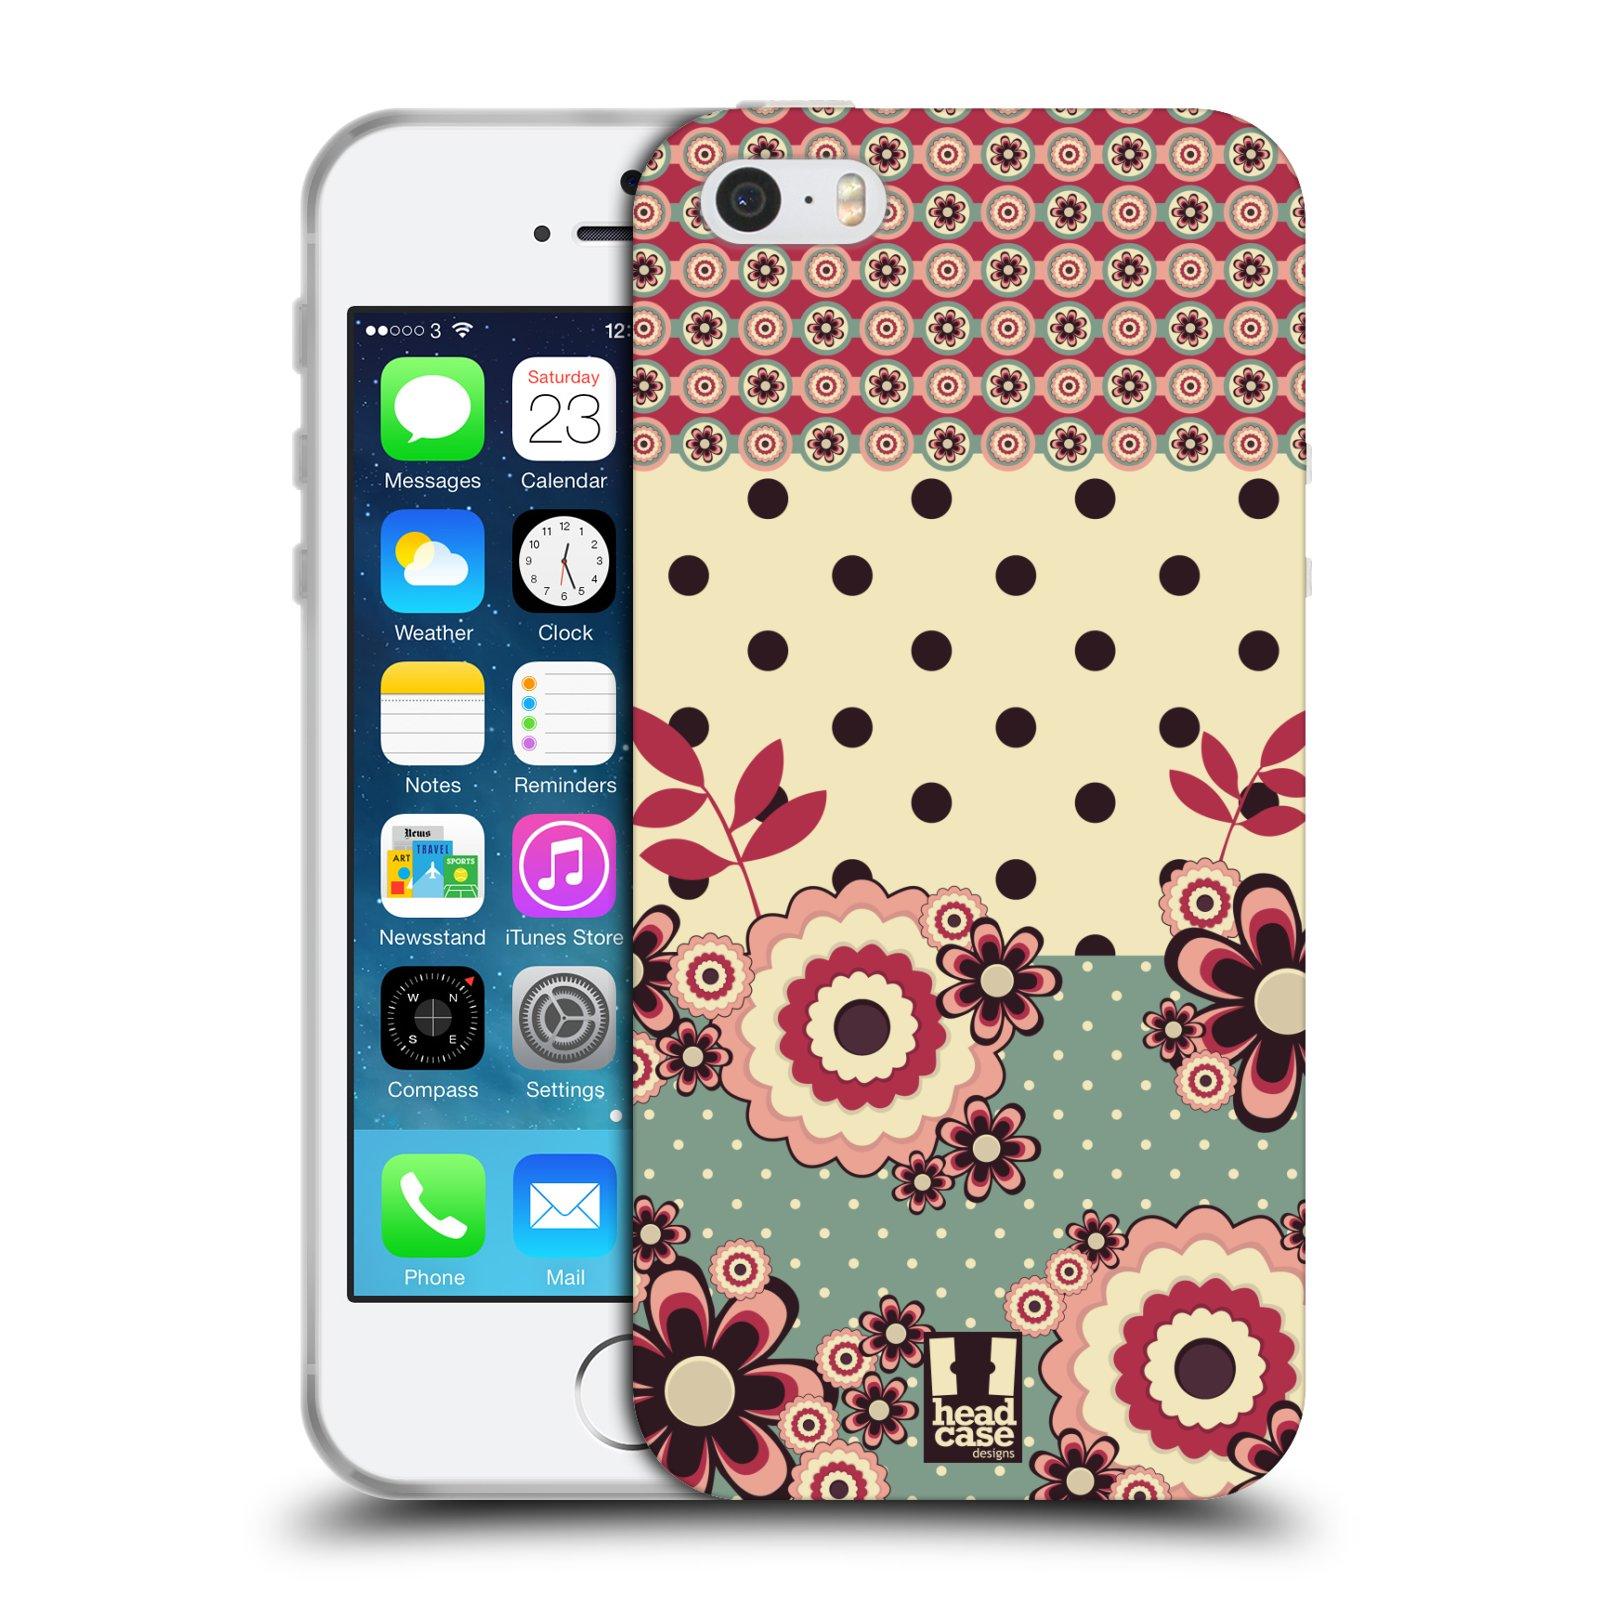 Silikonové pouzdro na mobil Apple iPhone SE, 5 a 5S HEAD CASE KVÍTKA PINK CREAM (Silikonový kryt či obal na mobilní telefon Apple iPhone SE, 5 a 5S)